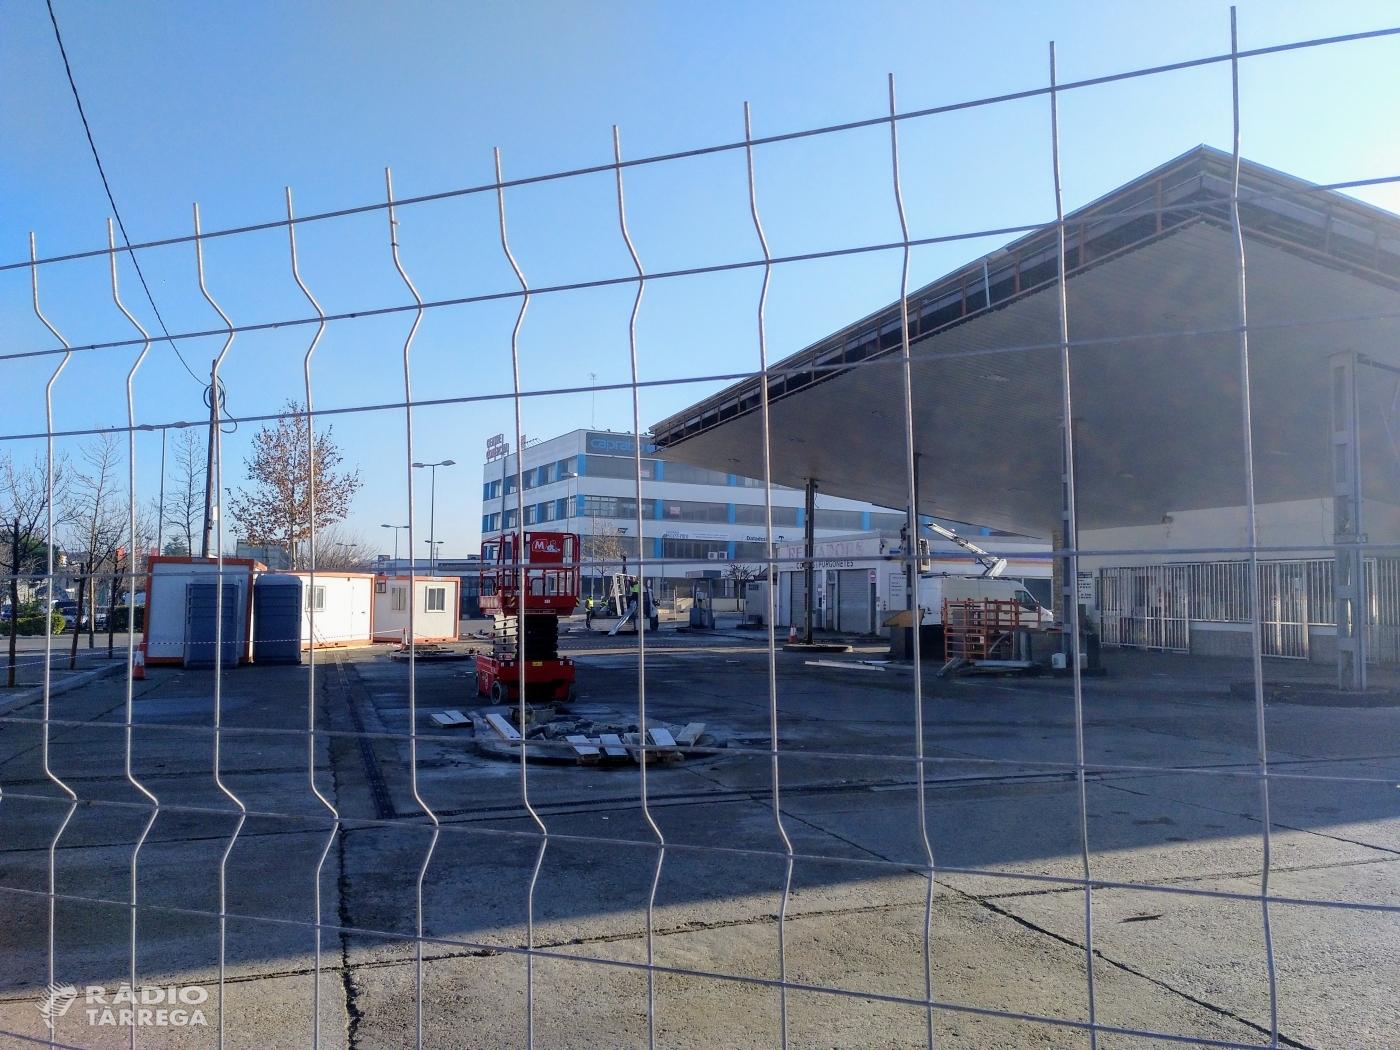 Inicien l'enderrocament de la benzinera Prats de Tàrrega que donarà pas a un Mercadona